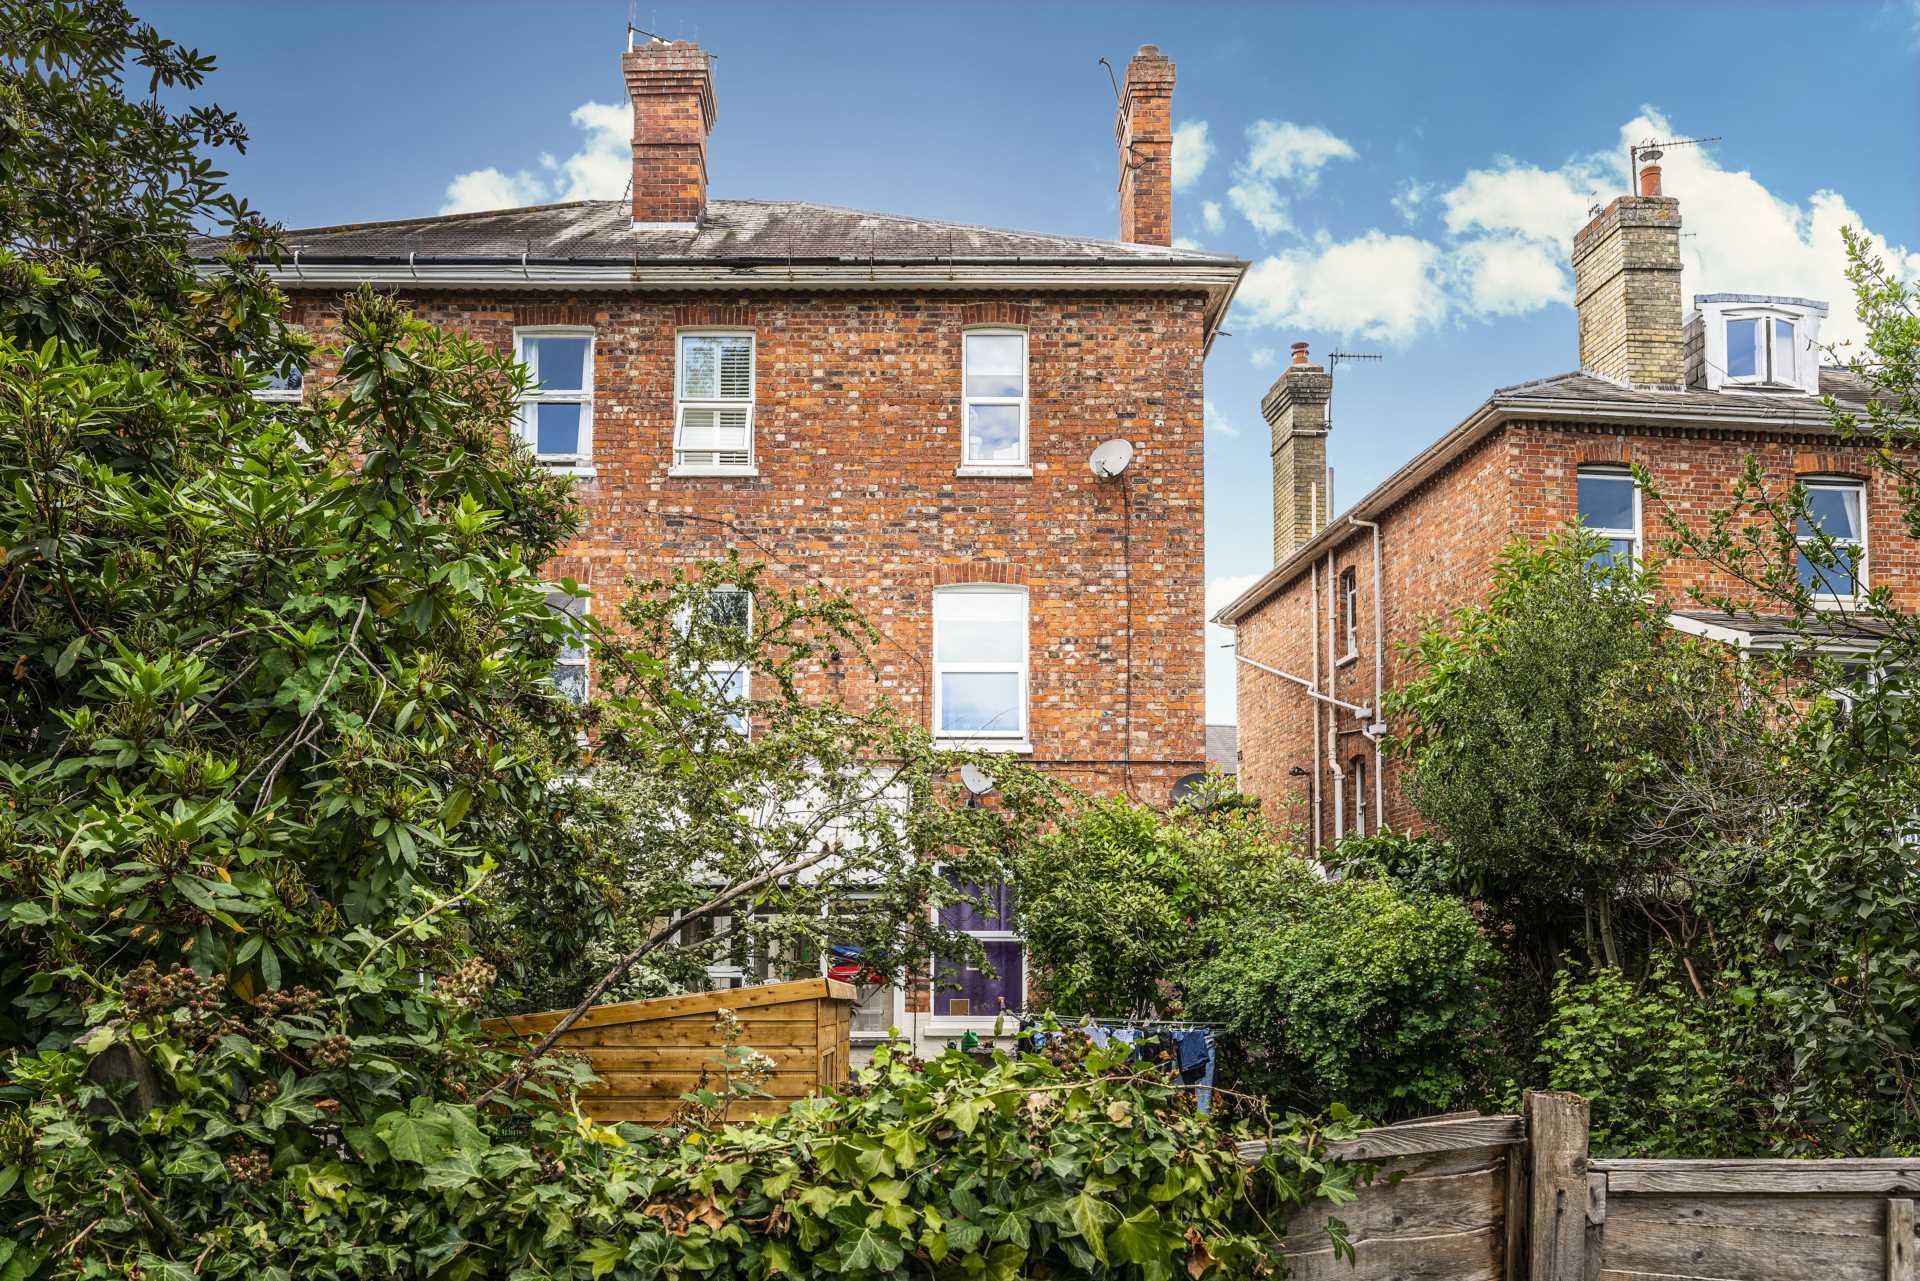 Upper Grosvenor Road, Tunbridge Wells, Image 9